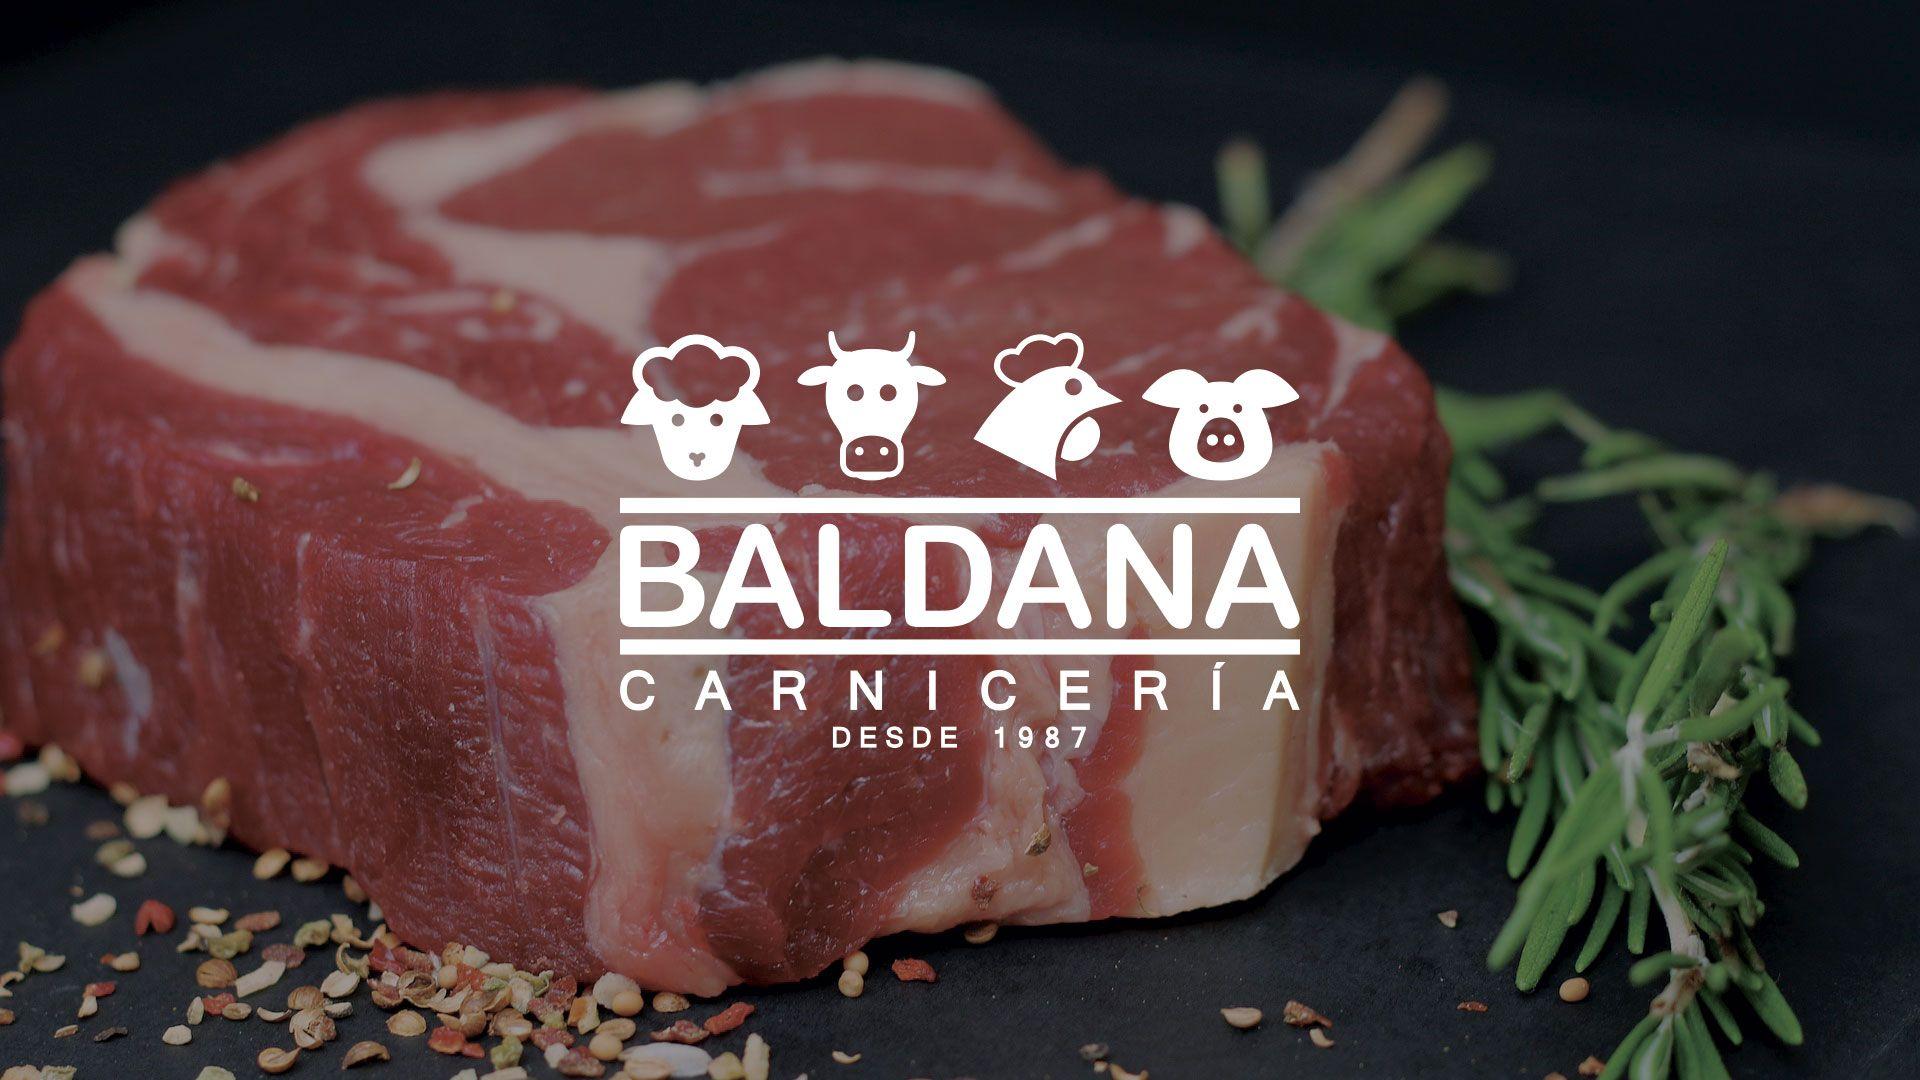 Imagen de marca carnicería Baldana Benasque